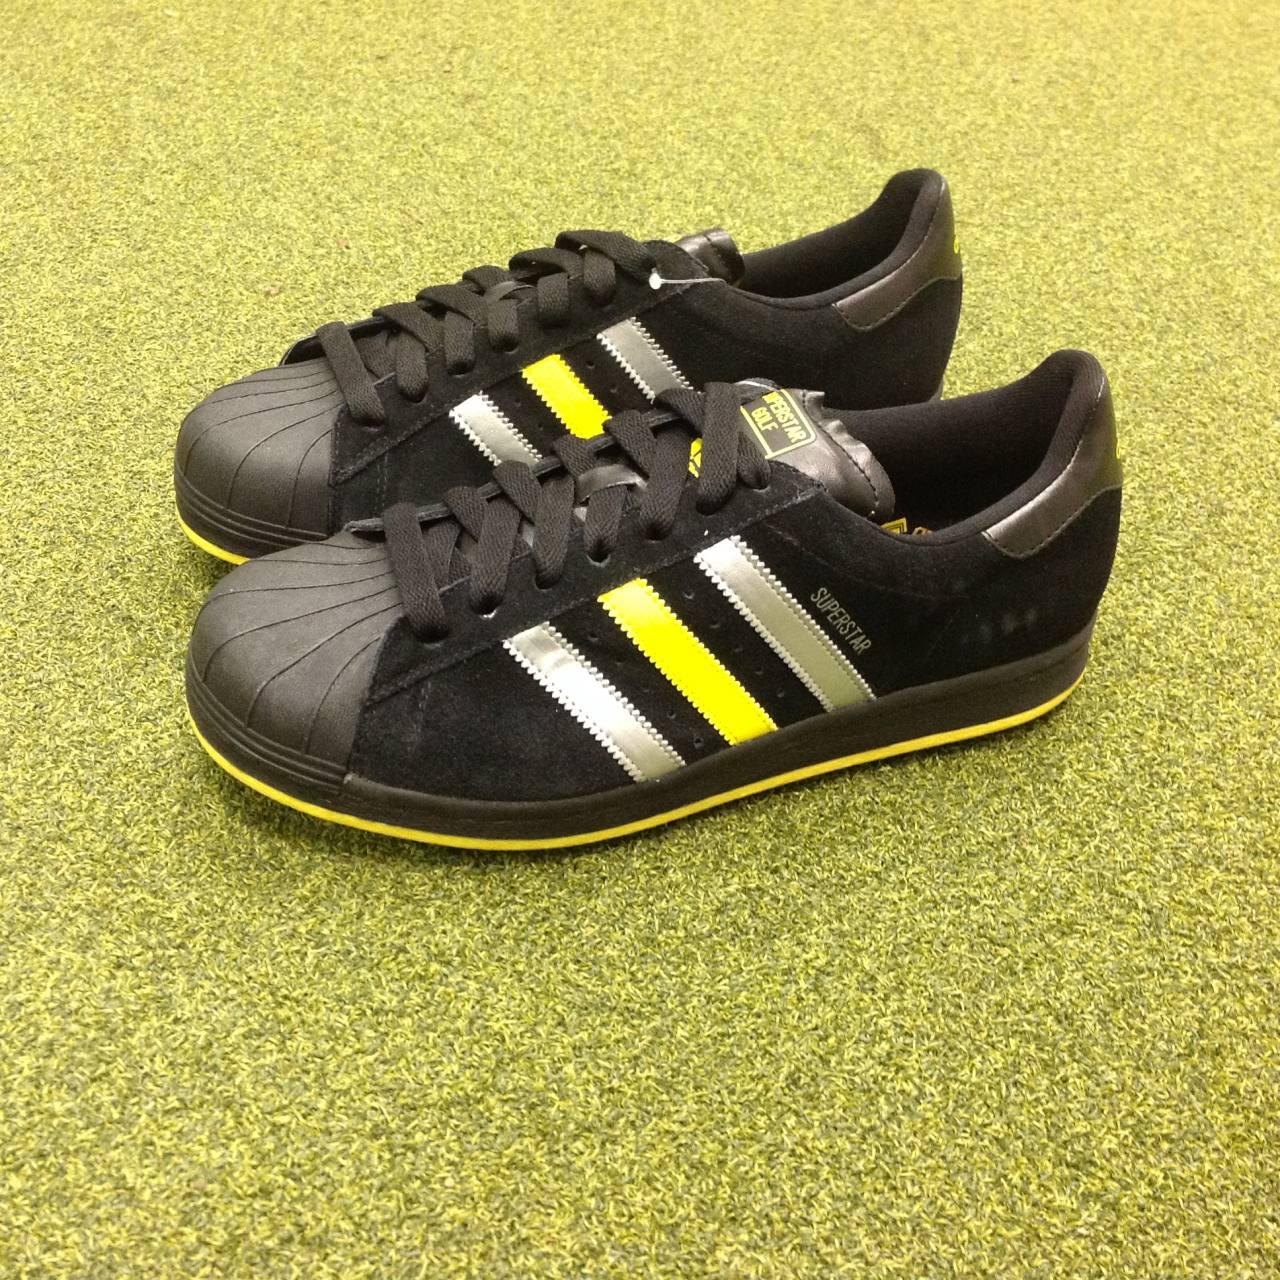 new adidas superstar golf shoes uk size 8 5 us 9 eu. Black Bedroom Furniture Sets. Home Design Ideas